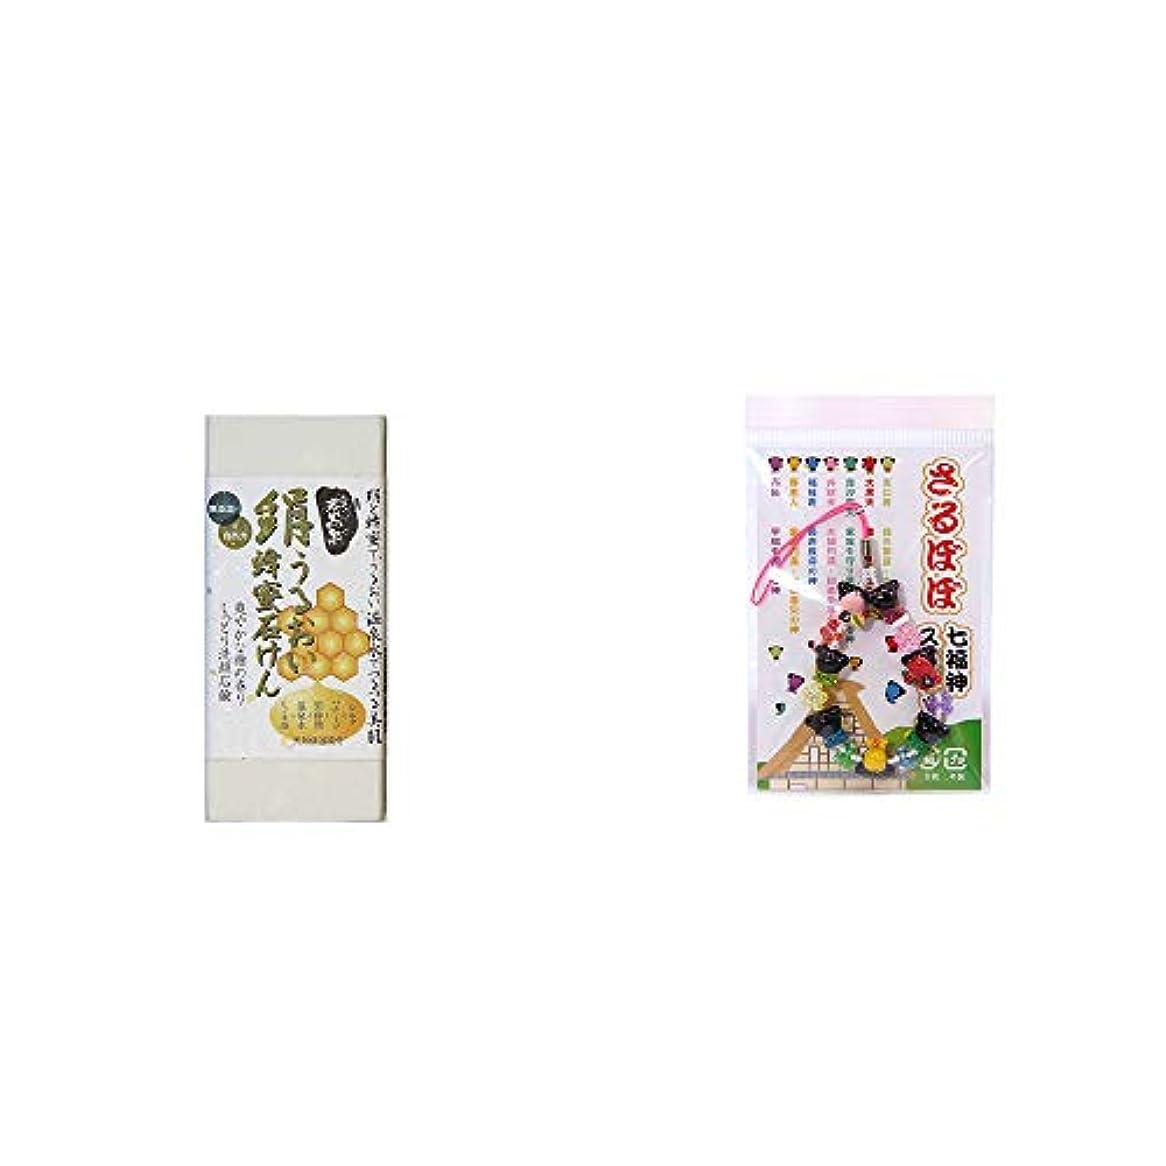 カヌー小屋癒す[2点セット] ひのき炭黒泉 絹うるおい蜂蜜石けん(75g×2)?さるぼぼ七福神ストラップ/縁結び?魔除け //